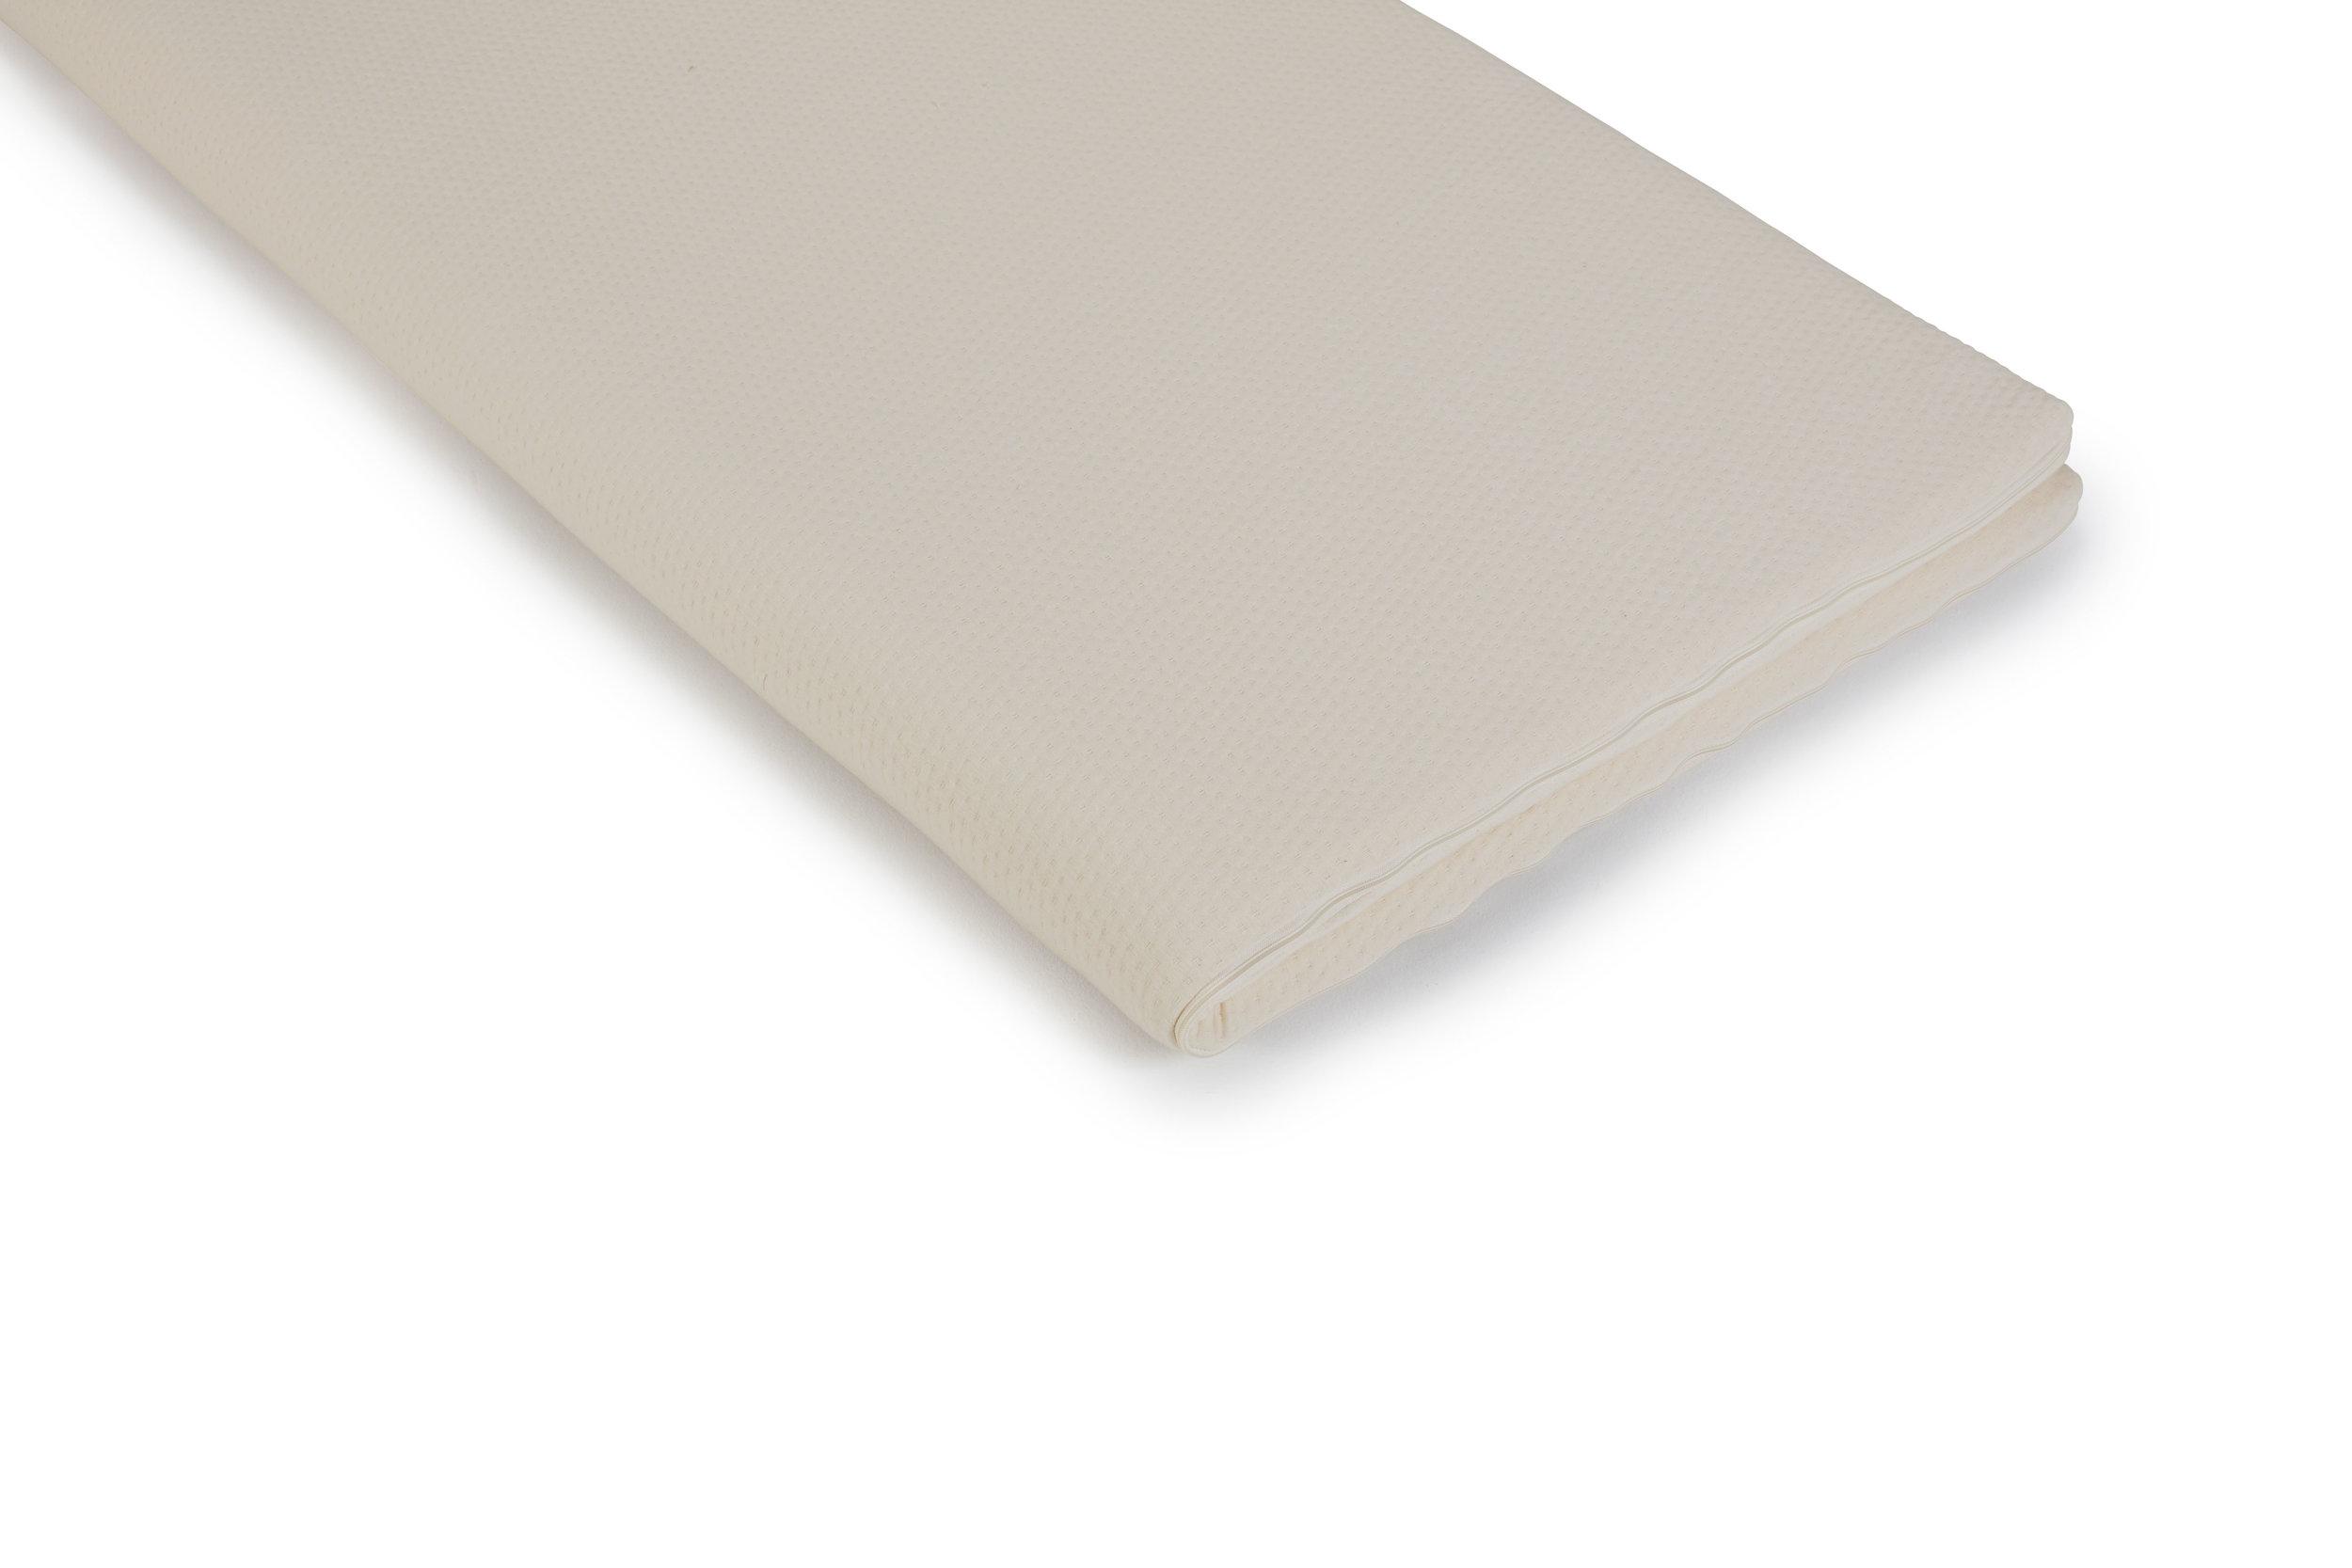 re-mattress-topper-classic-detail-1.jpg